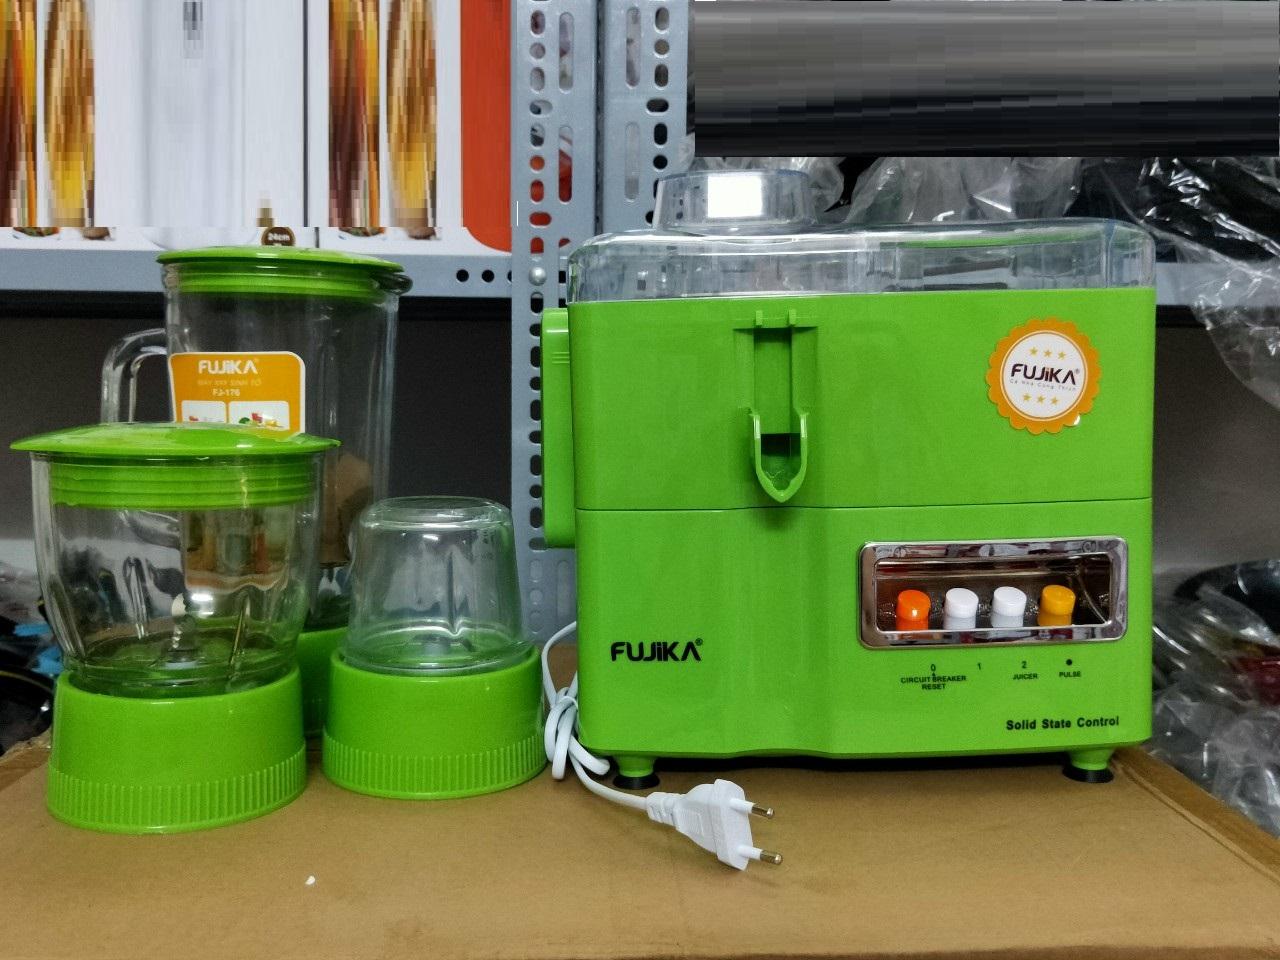 Máy xay ép đa năng 4 in 1 Fujika, dung tích cối thủy tinh 1L, màu ngẫu nhiên-hàng chính hãng